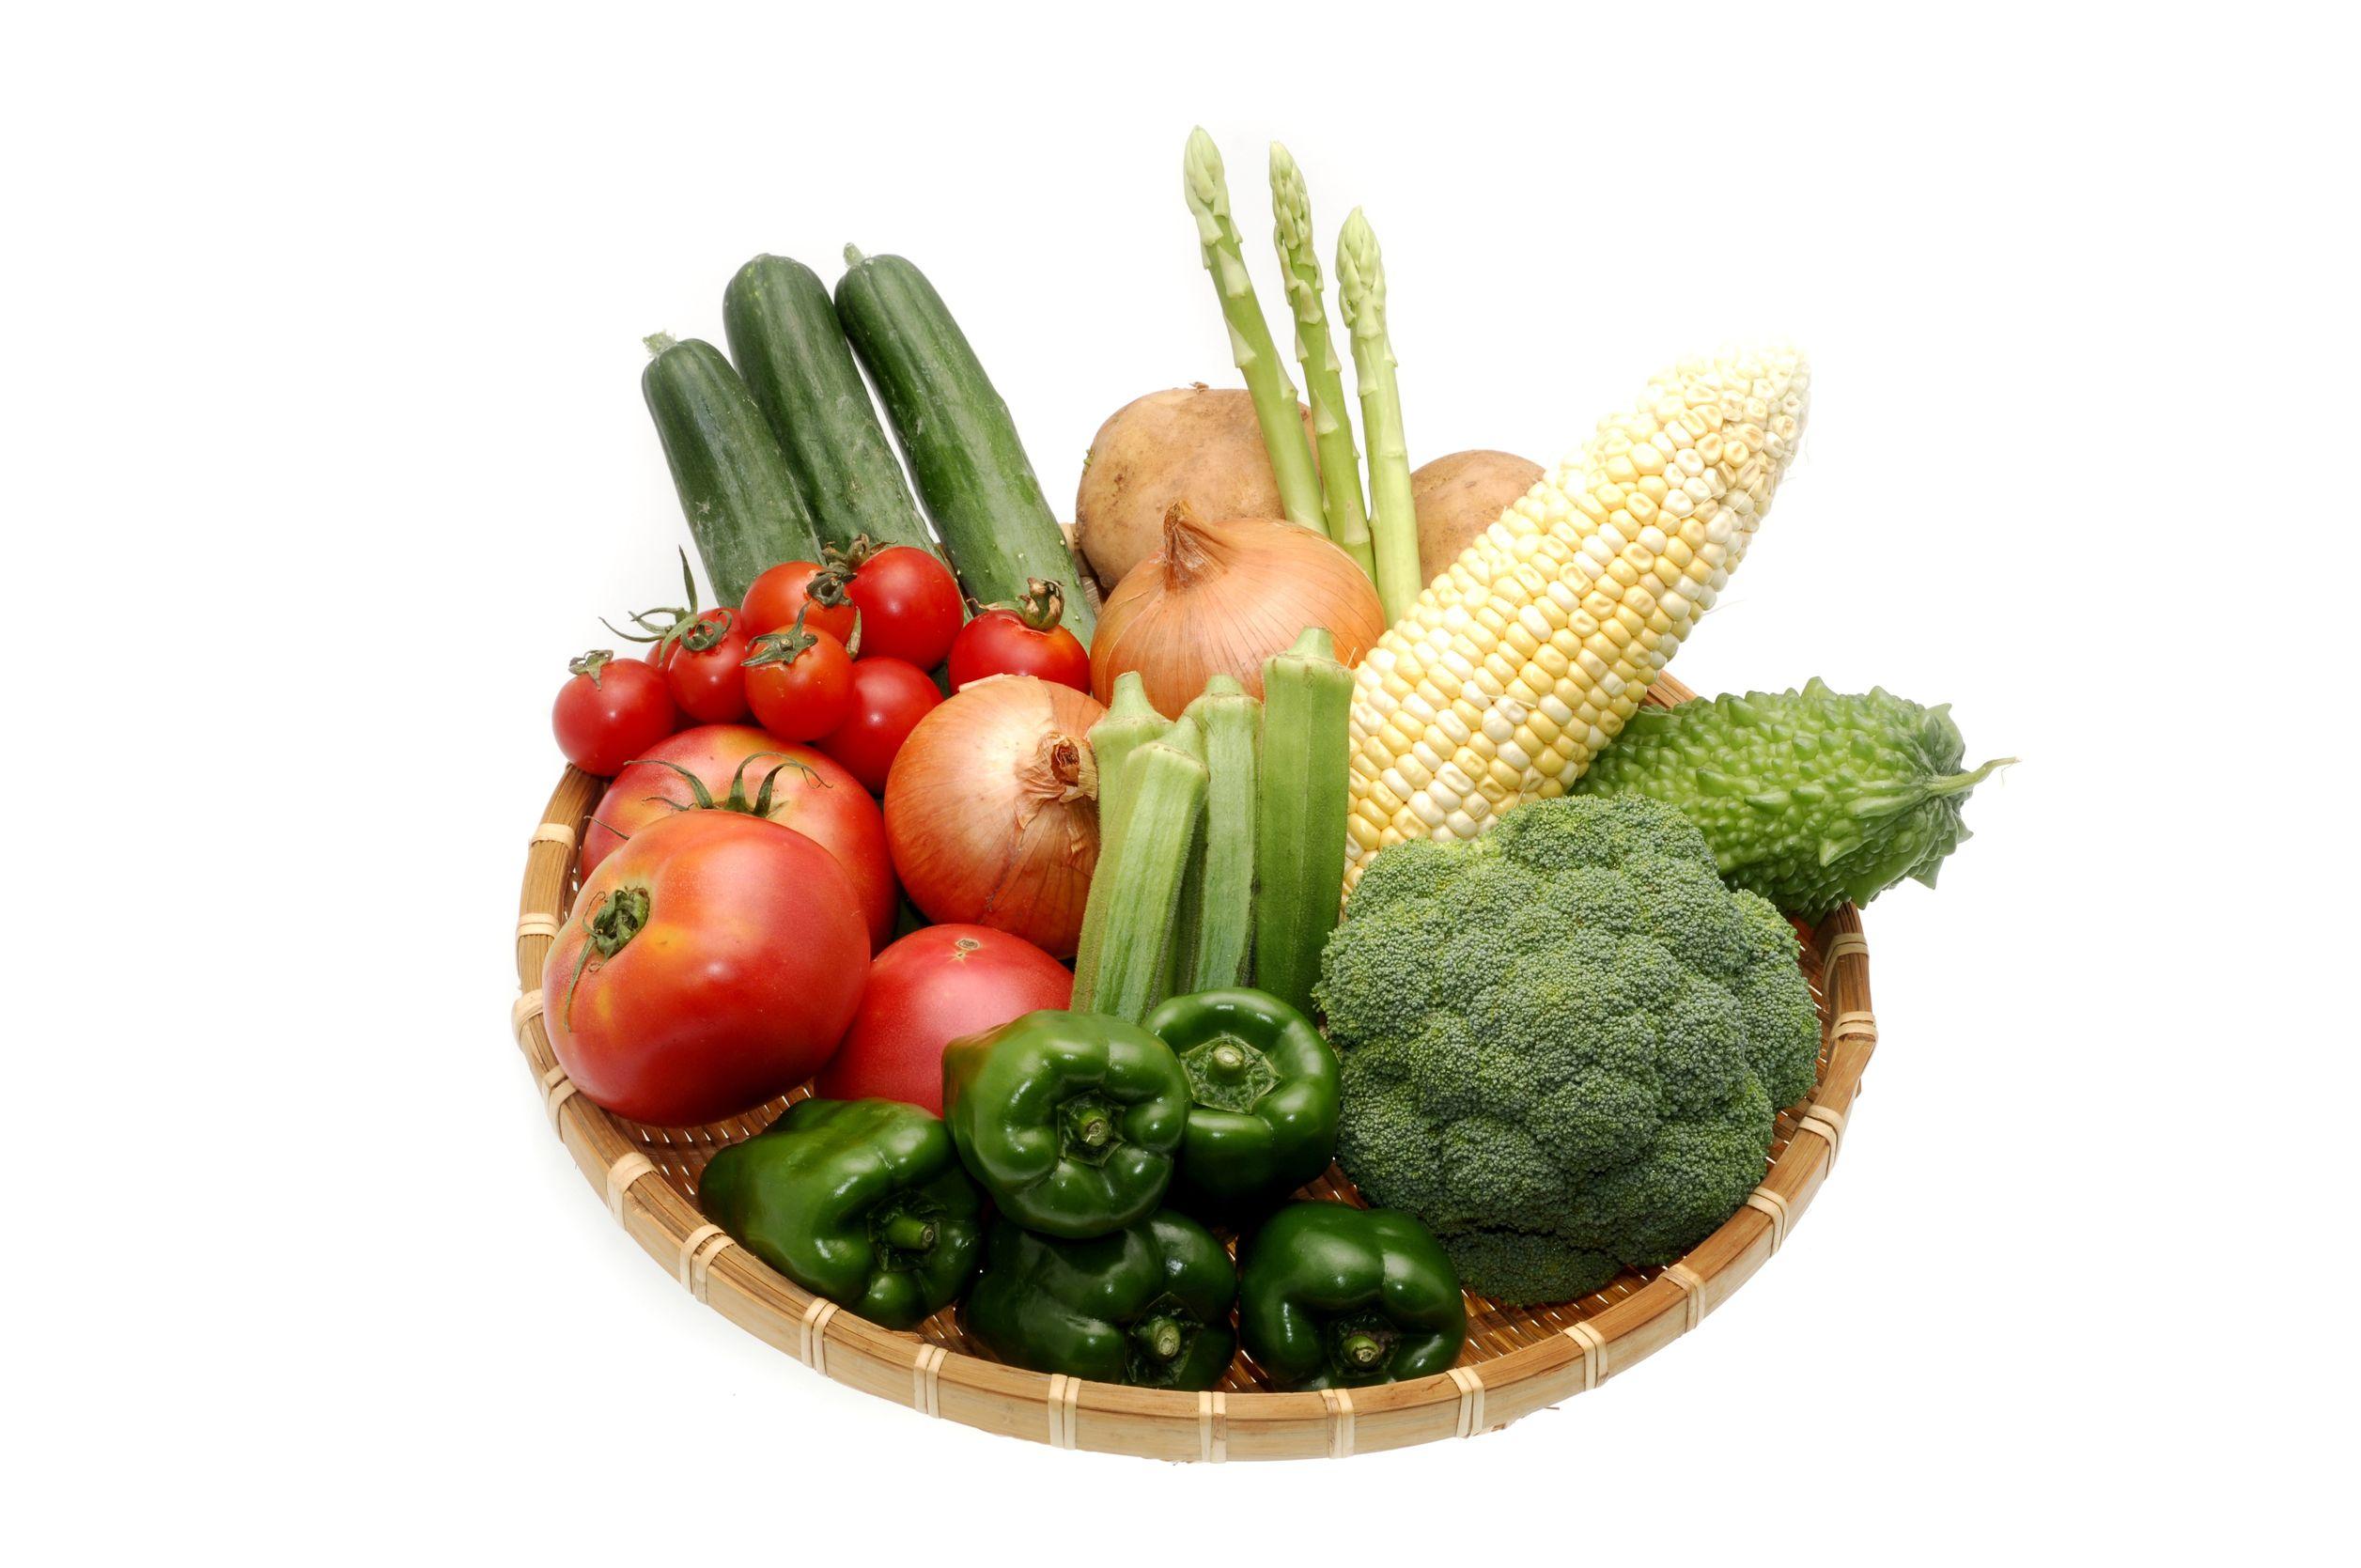 16019569 - vegetables